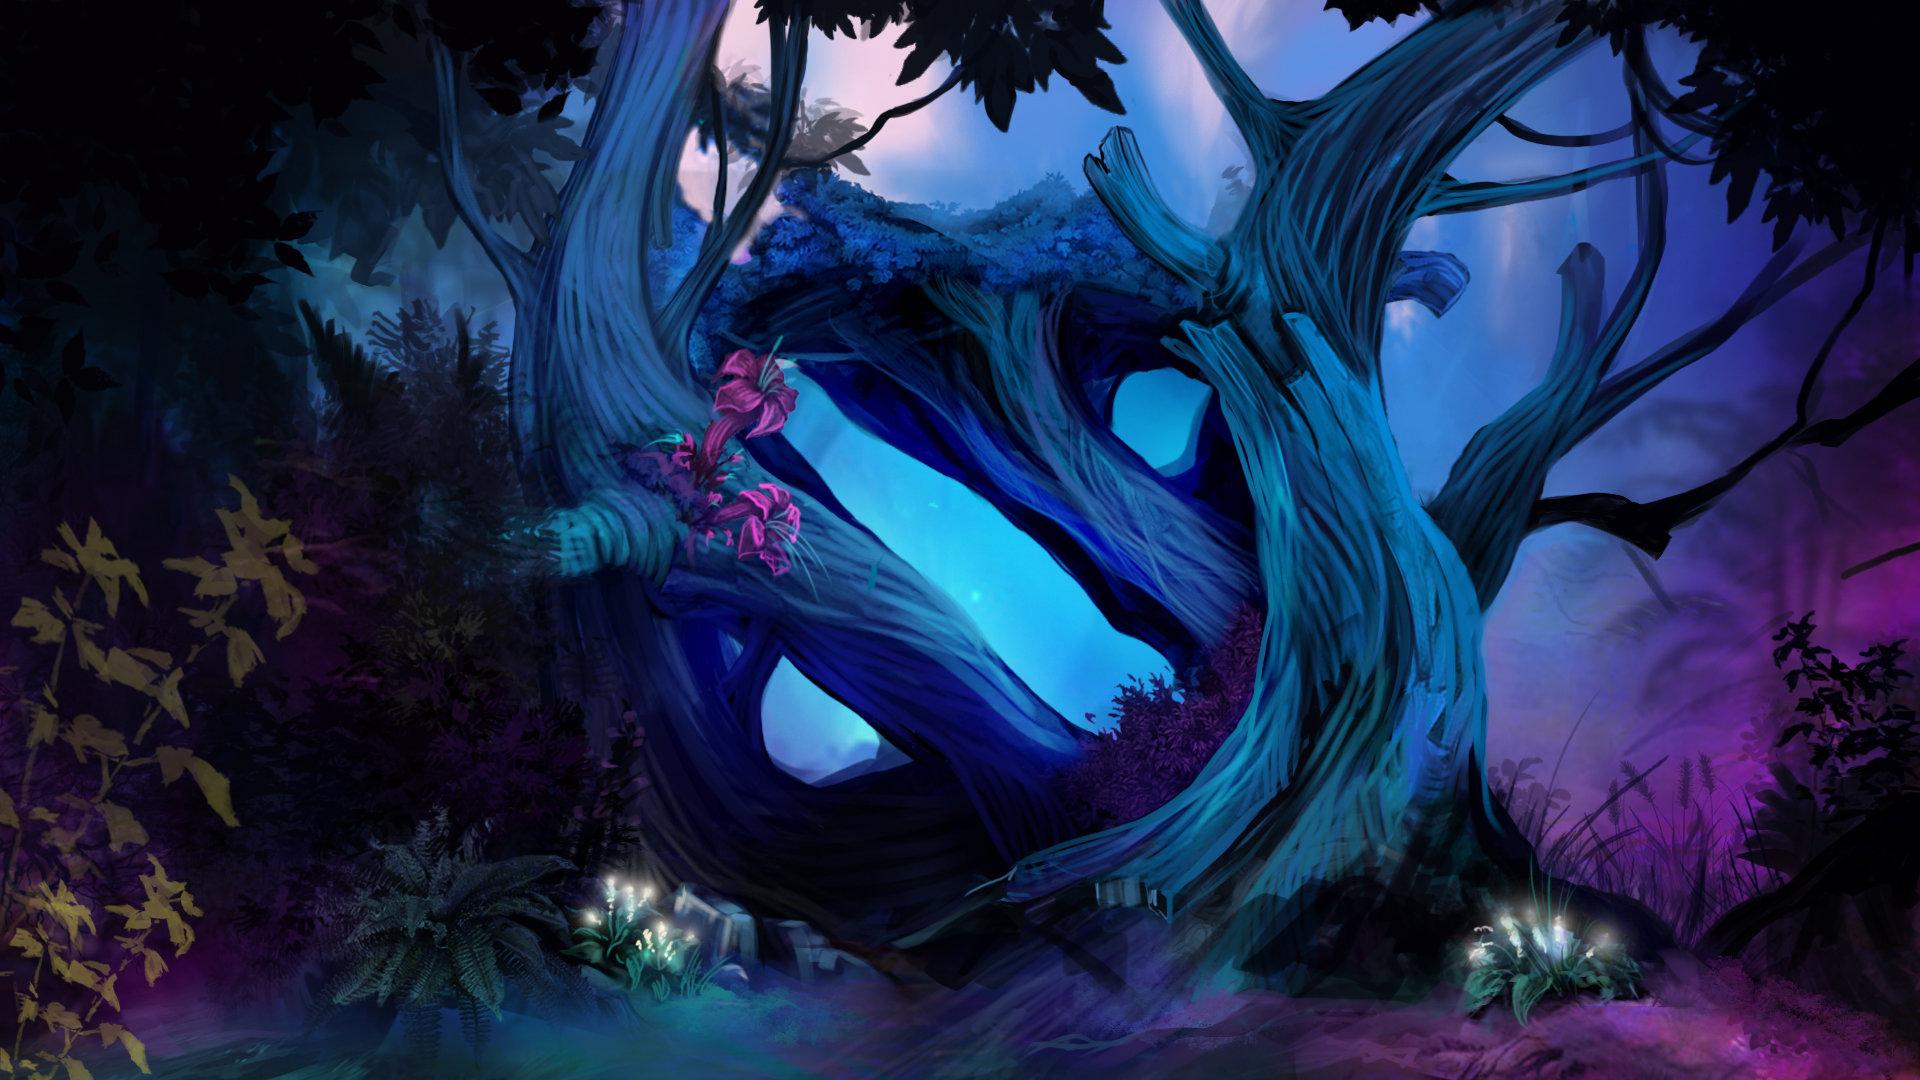 artstation loadingscreen for magic forest hudskin in dota 2